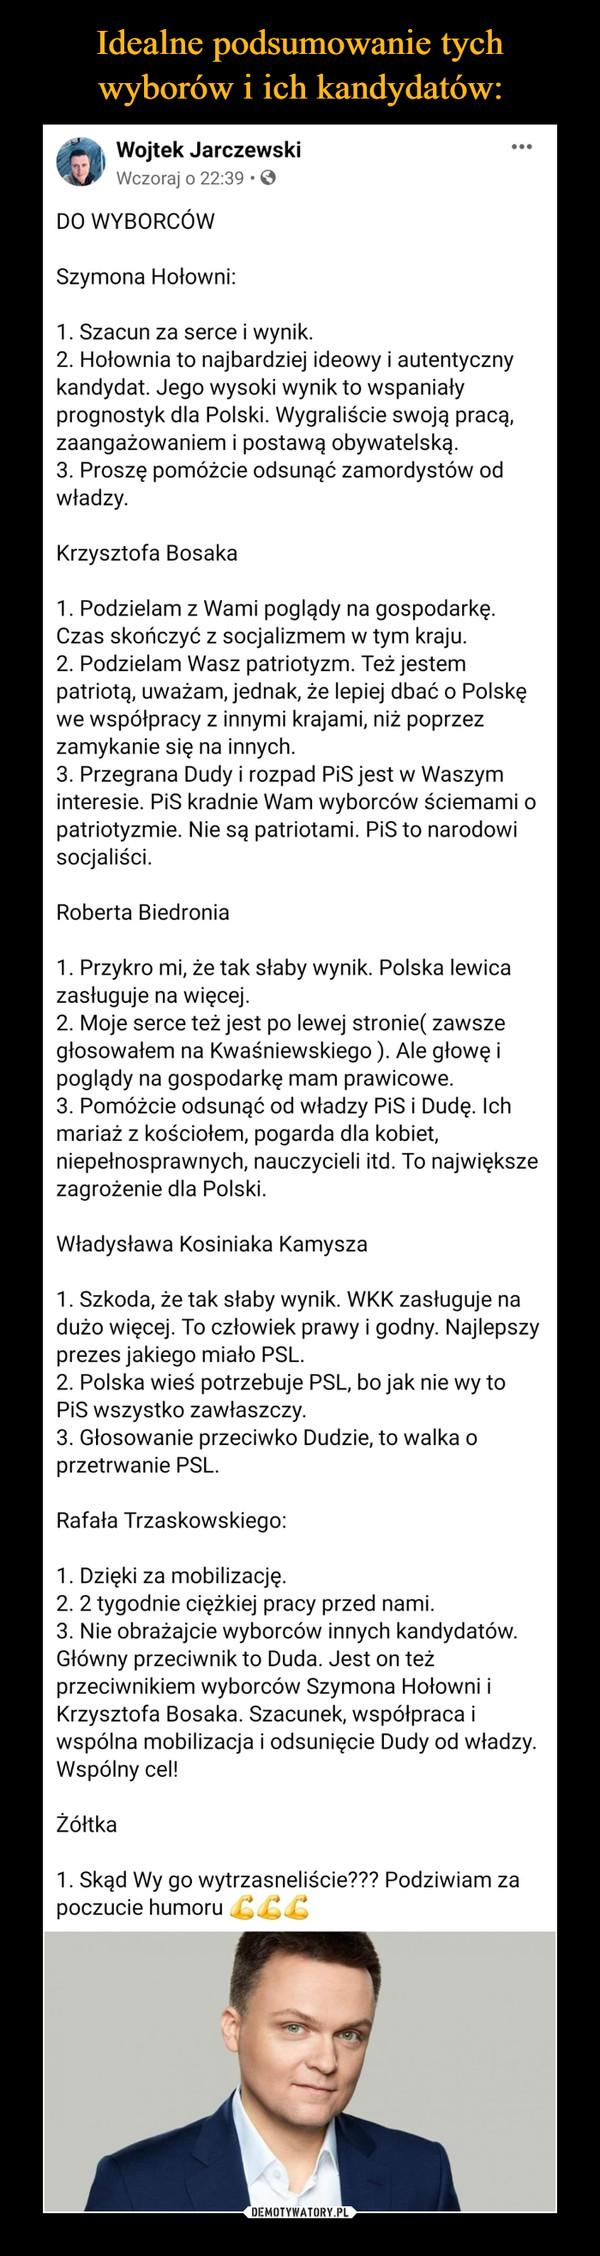 –  Wojtek Jarczewski14 godz. · DO WYBORCÓWSzymona Hołowni:1. Szacun za serce i wynik.2. Hołownia to najbardziej ideowy i autentyczny kandydat. Jego wysoki wynik to wspaniały prognostyk dla Polski. Wygraliście swoją pracą, zaangażowaniem i postawą obywatelską.3. Proszę pomóżcie odsunąć zamordystów od władzy.Krzysztofa Bosaka1. Podzielam z Wami poglądy na gospodarkę. Czas skończyć z socjalizmem w tym kraju.2. Podzielam Wasz patriotyzm. Też jestem patriotą, uważam, jednak, że lepiej dbać o Polskę we współpracy z innymi krajami, niż poprzez zamykanie się na innych.3. Przegrana Dudy i rozpad PiS jest w Waszym interesie. PiS kradnie Wam wyborców ściemami o patriotyzmie. Nie są patriotami. PiS to narodowi socjaliści.Roberta Biedronia1. Przykro mi, że tak słaby wynik. Polska lewica zasługuje na więcej.2. Moje serce też jest po lewej stronie( zawsze głosowałem na Kwaśniewskiego ). Ale głowę i poglądy na gospodarkę mam prawicowe.3. Pomóżcie odsunąć od władzy PiS i Dudę. Ich mariaż z kościołem, pogarda dla kobiet, niepełnosprawnych, nauczycieli itd. To największe zagrożenie dla Polski.Władysława Kosiniaka Kamysza1. Szkoda, że tak słaby wynik. WKK zasługuje na dużo więcej. To człowiek prawy i godny. Najlepszy prezes jakiego miało PSL.2. Polska wieś potrzebuje PSL, bo jak nie wy to PiS wszystko zawłaszczy.3. Głosowanie przeciwko Dudzie, to walka o przetrwanie PSL.Rafała Trzaskowskiego:1. Dzięki za mobilizację.2. 2 tygodnie ciężkiej pracy przed nami.3. Nie obrażajcie wyborców innych kandydatów. Główny przeciwnik to Duda. Jest on też przeciwnikiem wyborców Szymona Hołowni i Krzysztofa Bosaka. Szacunek, współpraca i wspólna mobilizacja i odsunięcie Dudy od władzy. Wspólny cel!Żółtka1. Skąd Wy go wytrzasneliście??? Podziwiam za poczucie humoru